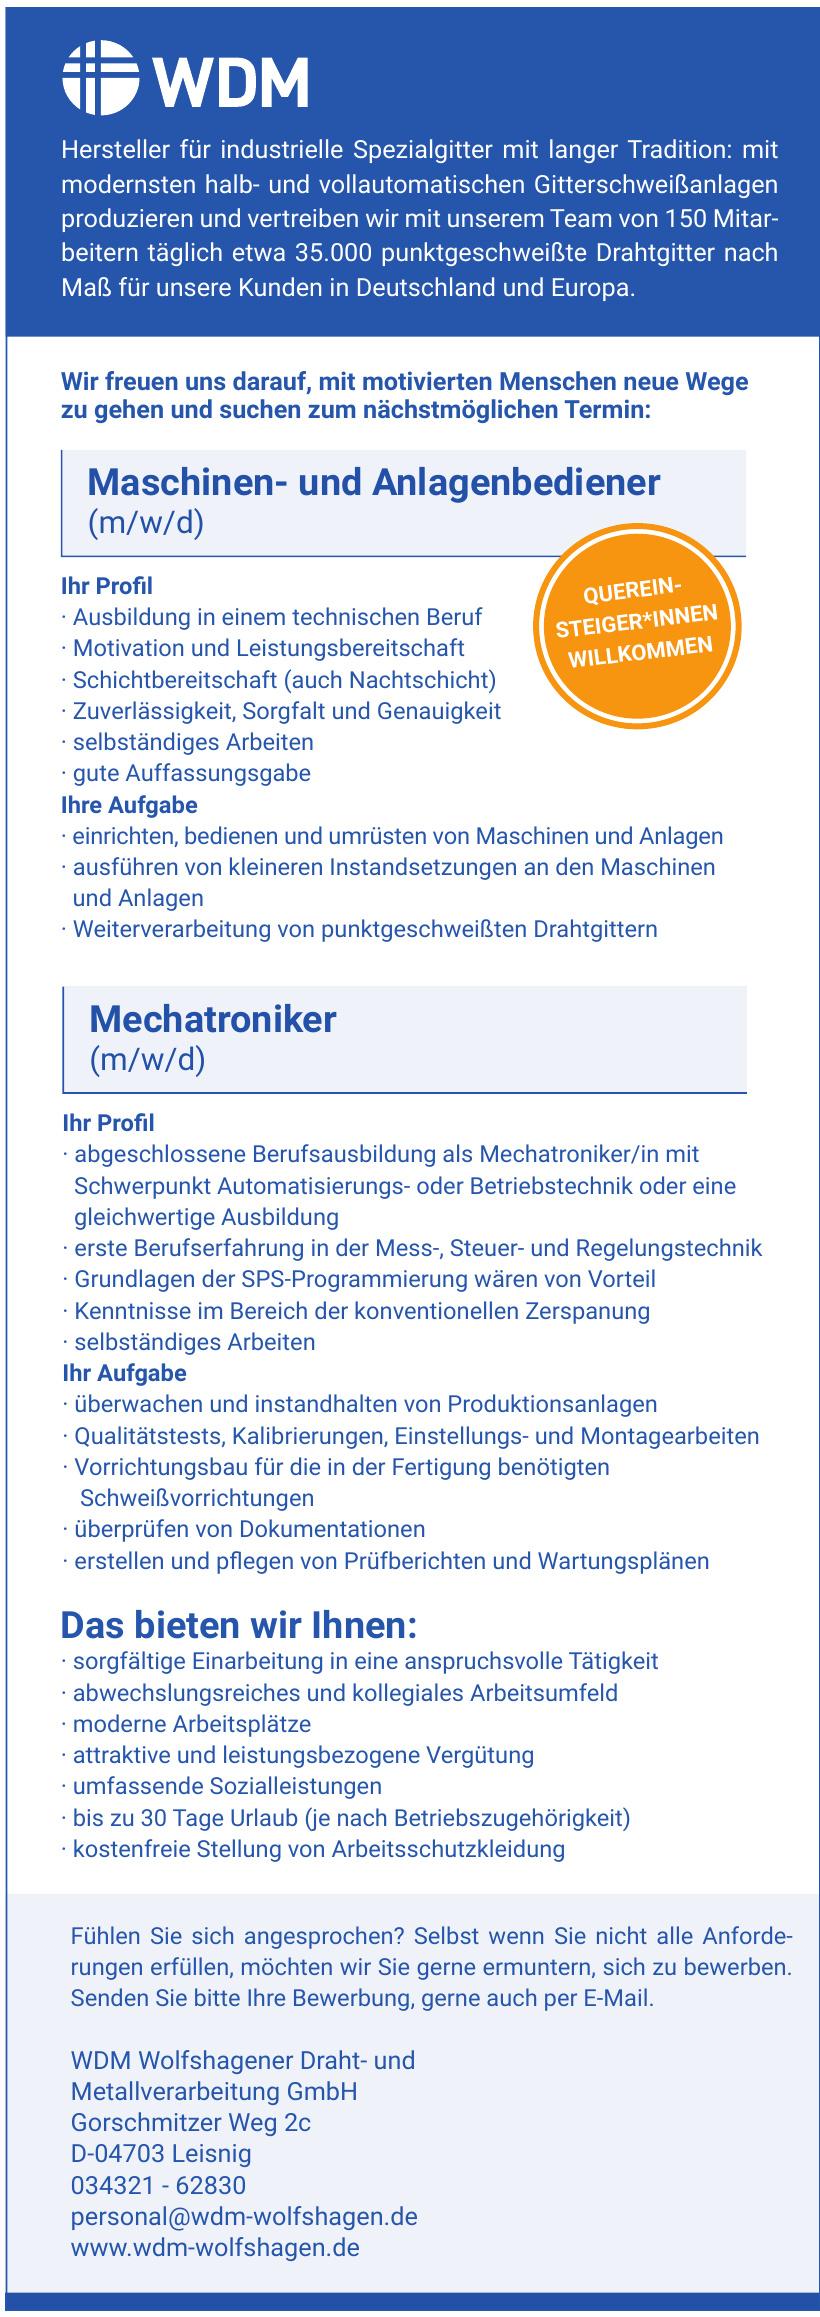 WDM Wolfshagener Draht- und Metallverarbeitung GmbH